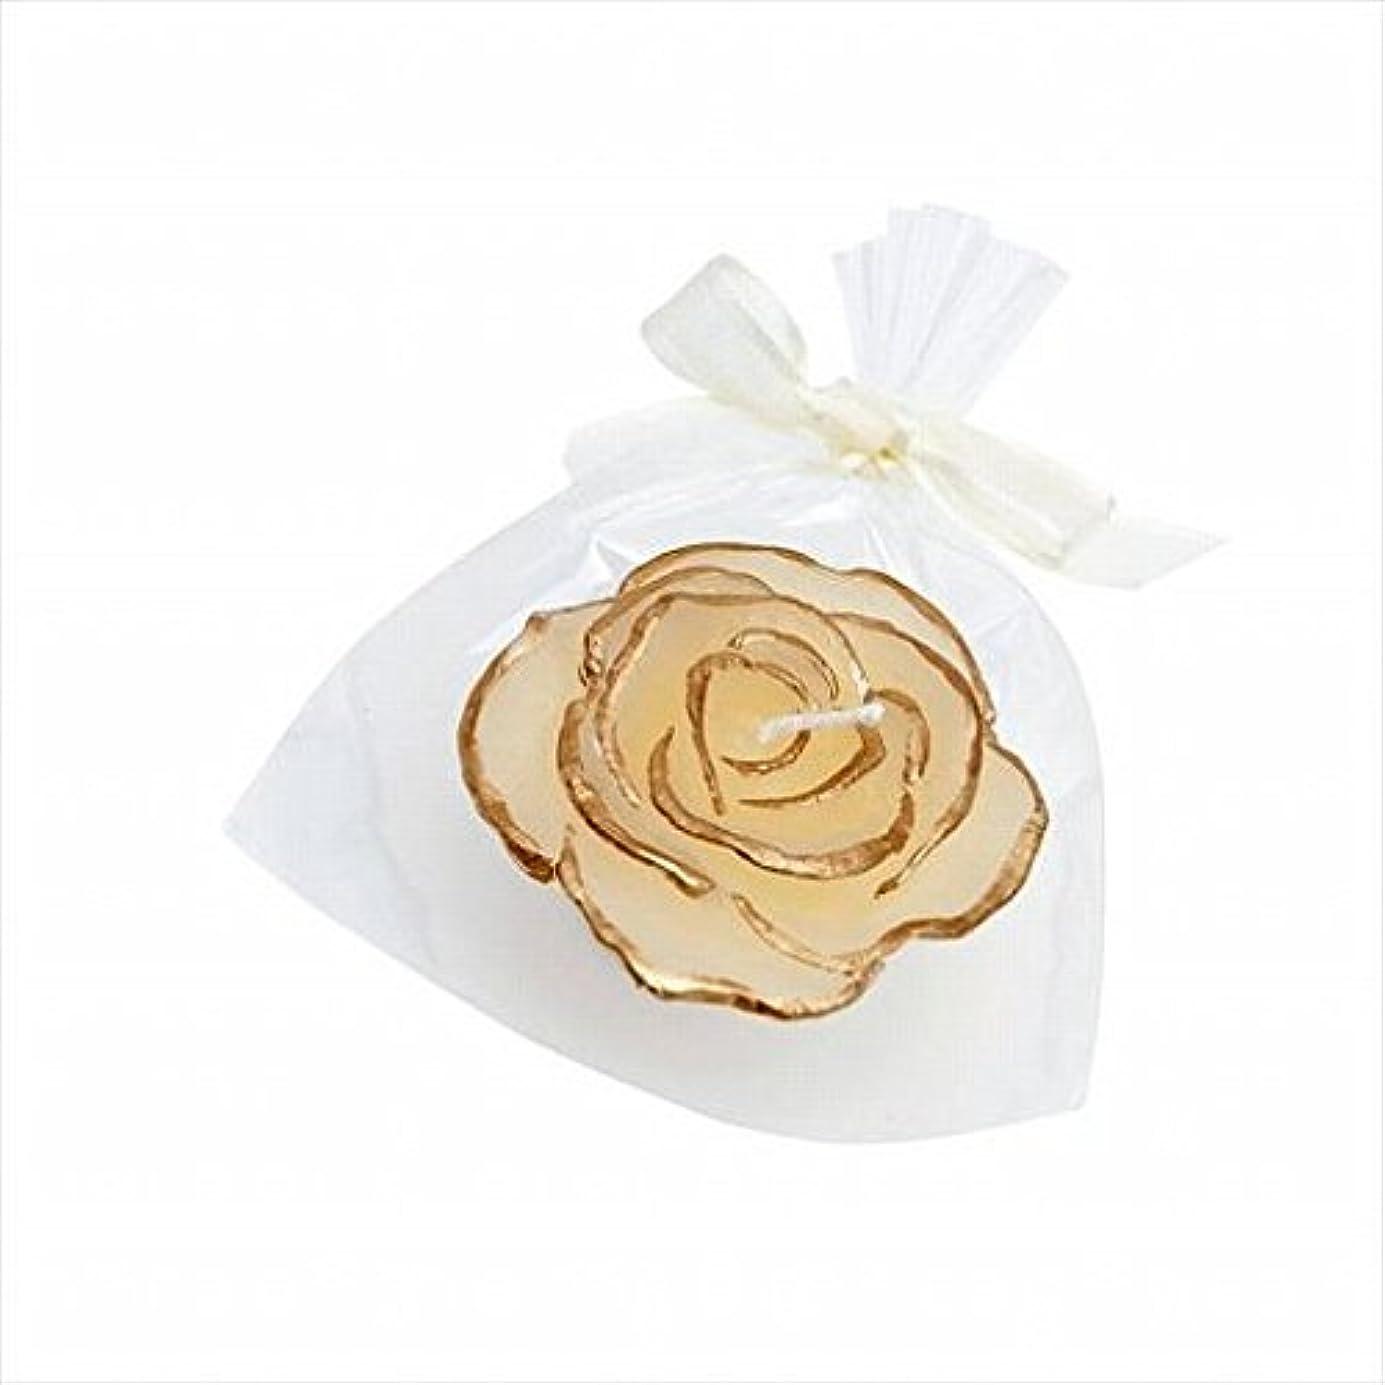 足枷朝頻繁にkameyama candle(カメヤマキャンドル) プリンセスローズ 「 アイボリー 」(A6390500IV)